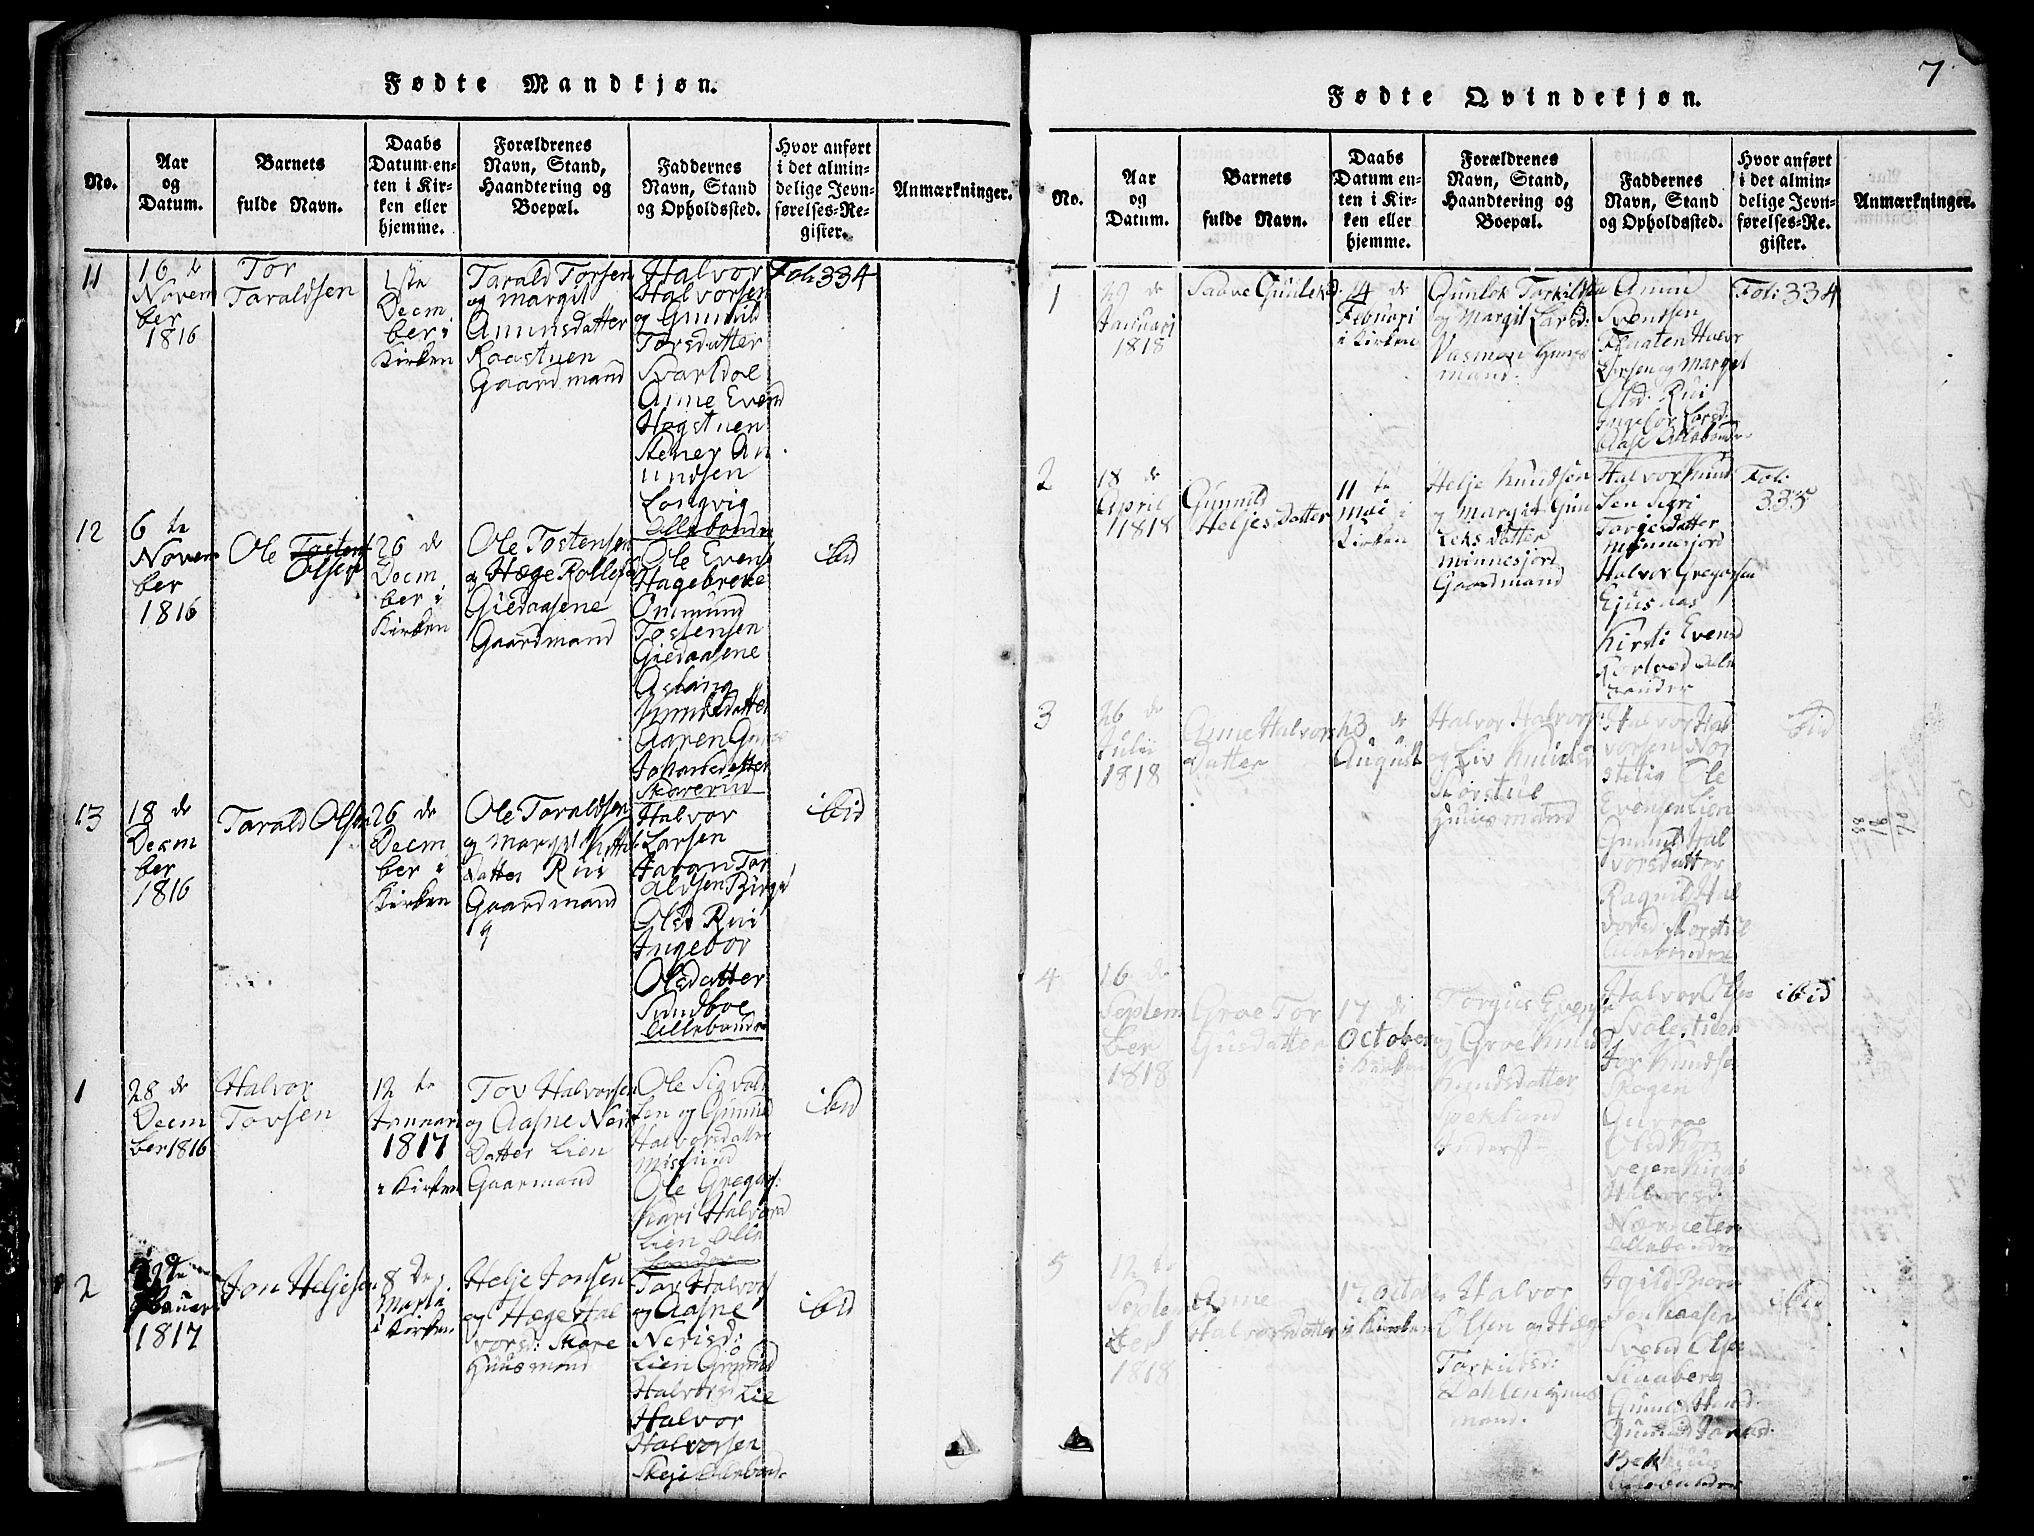 SAKO, Seljord kirkebøker, G/Gb/L0002: Klokkerbok nr. II 2, 1815-1854, s. 7